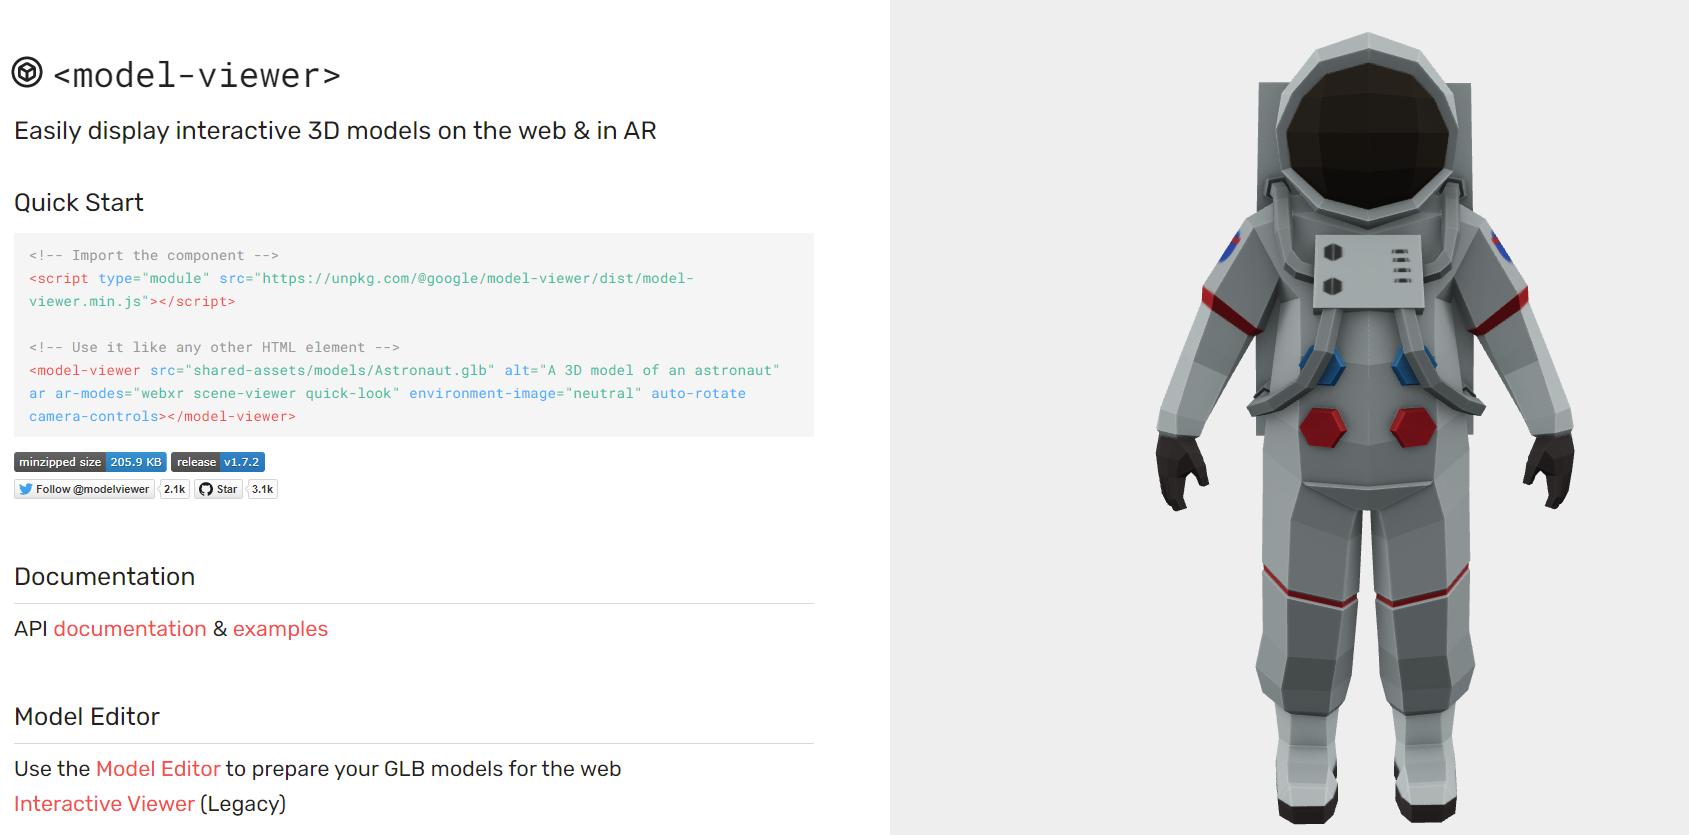 互動 3D models on the web & in AR